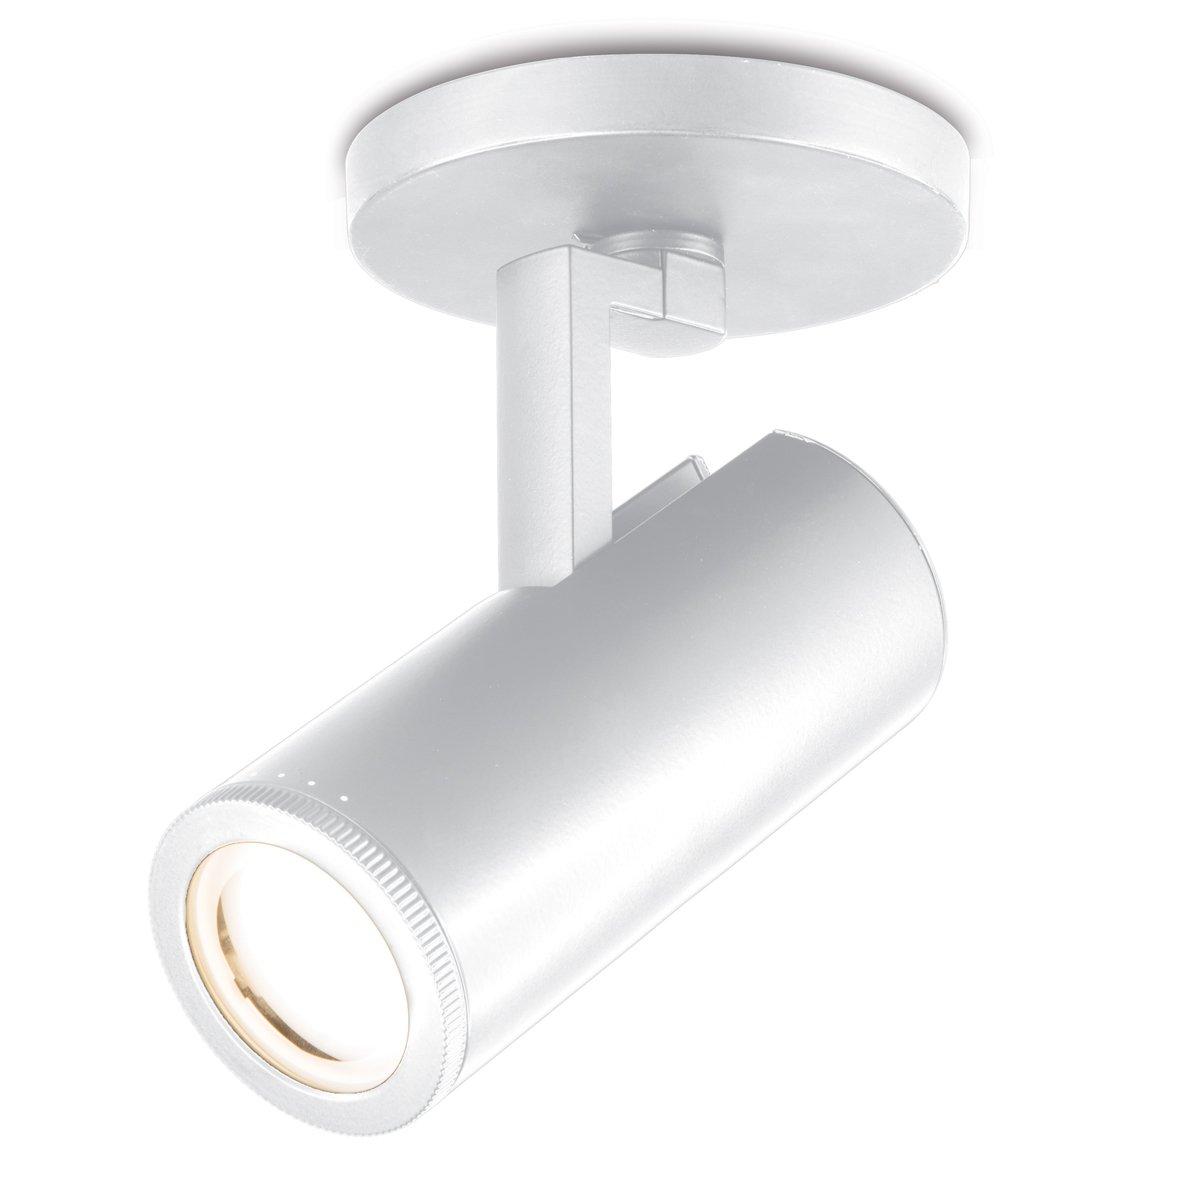 WAC Lighting Paloma MO-4023-927-WT 4023 Adjustable LED Monopoint Finish, 90+ Cri and 2700K, White